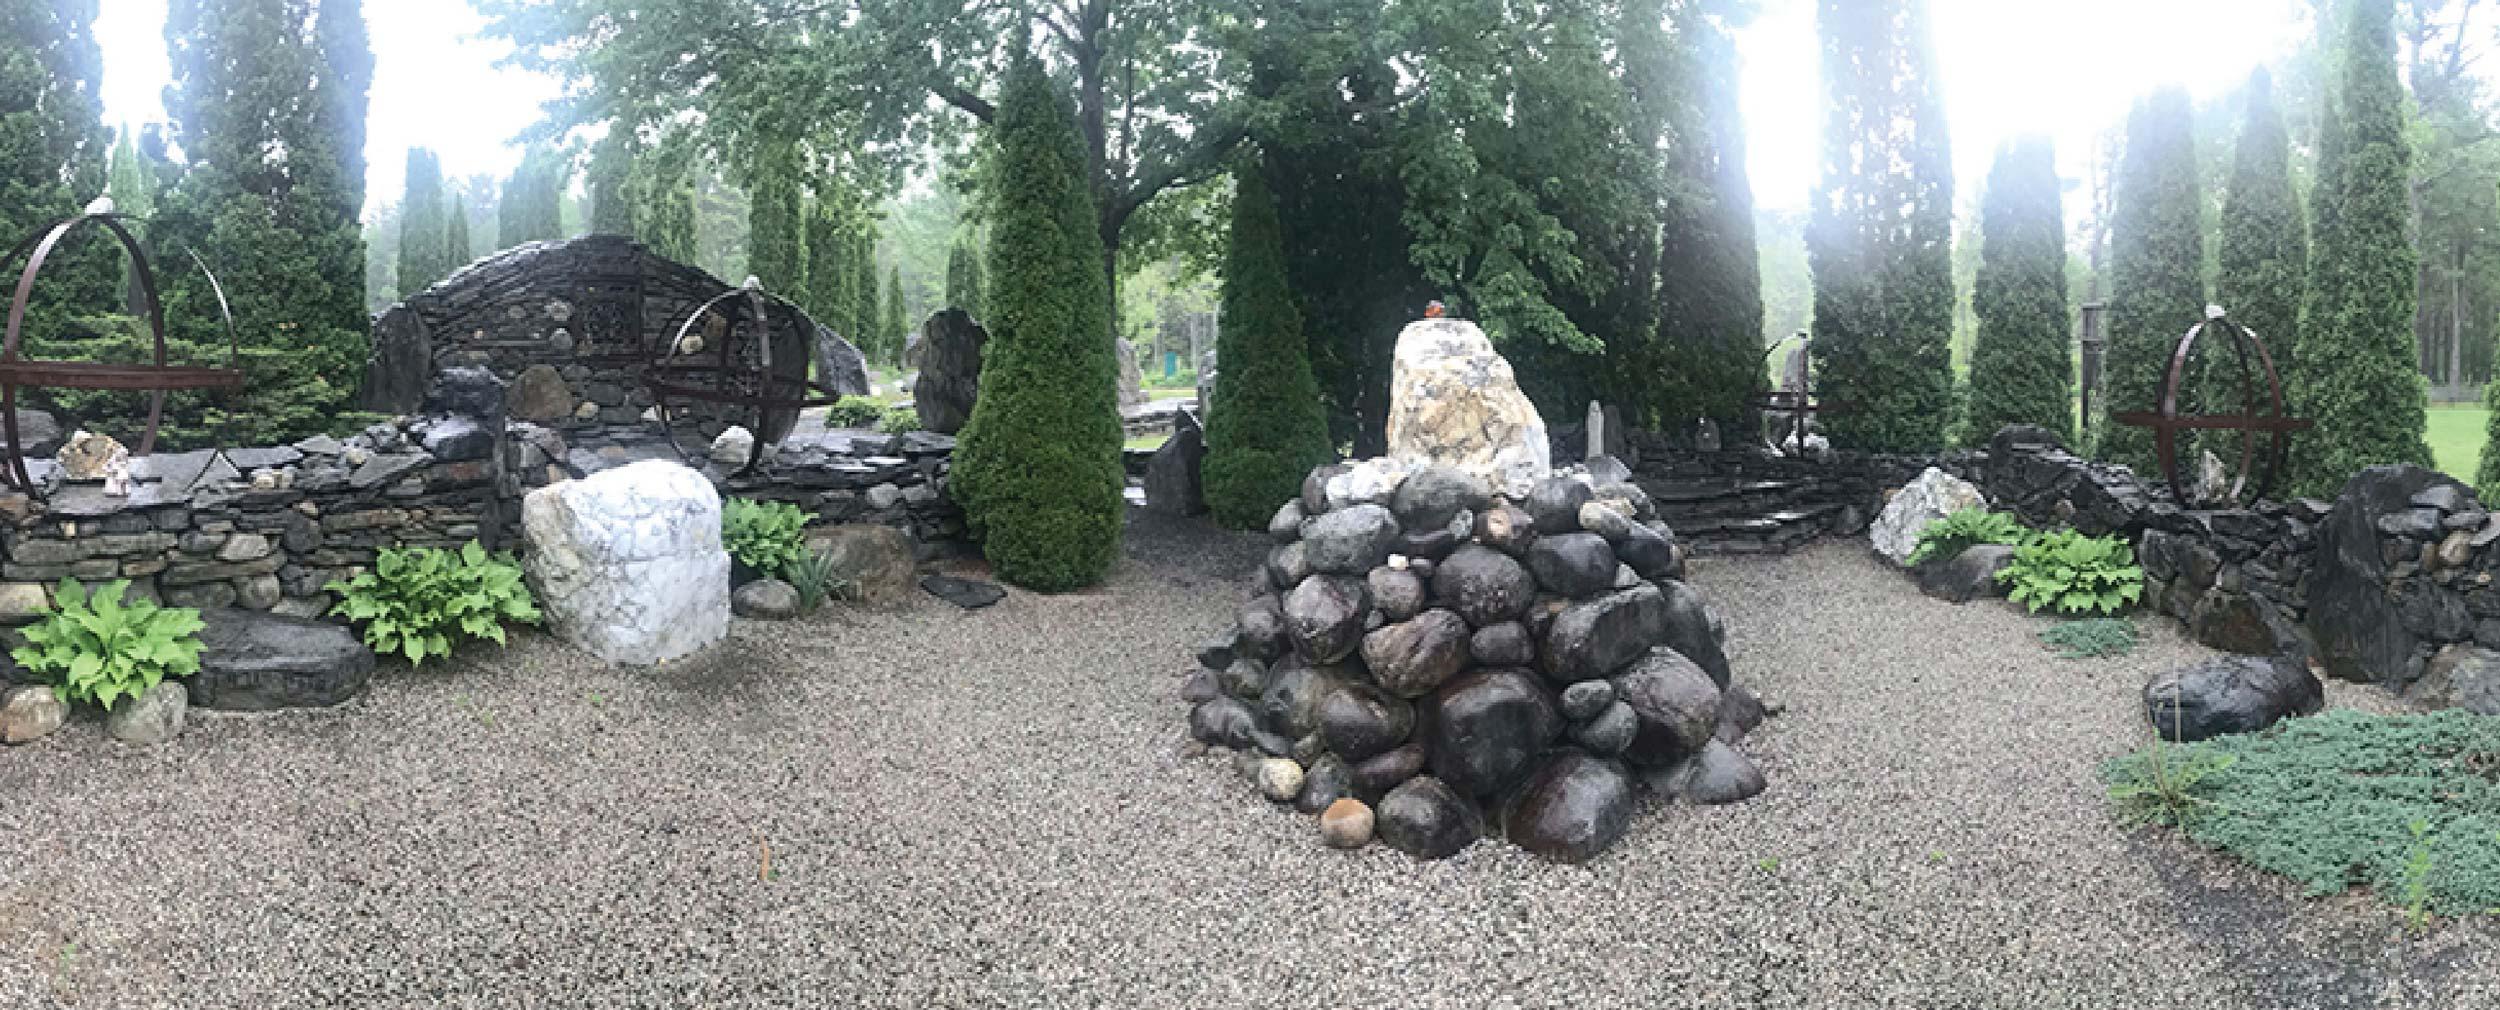 Tina Marie's Sanctuary